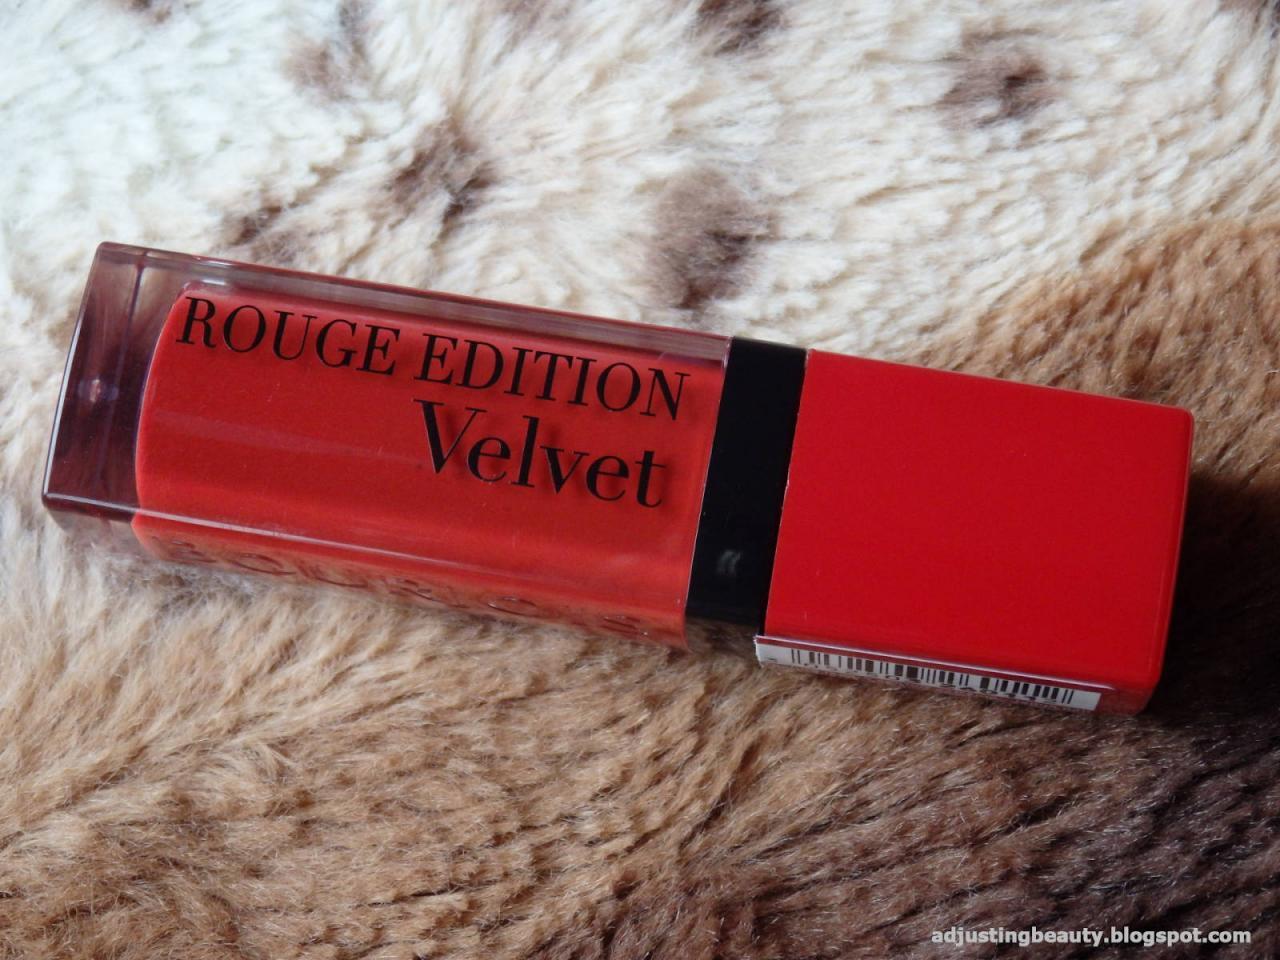 Son Bourjois Rouge Edition Velvet 01 personne ne rouge